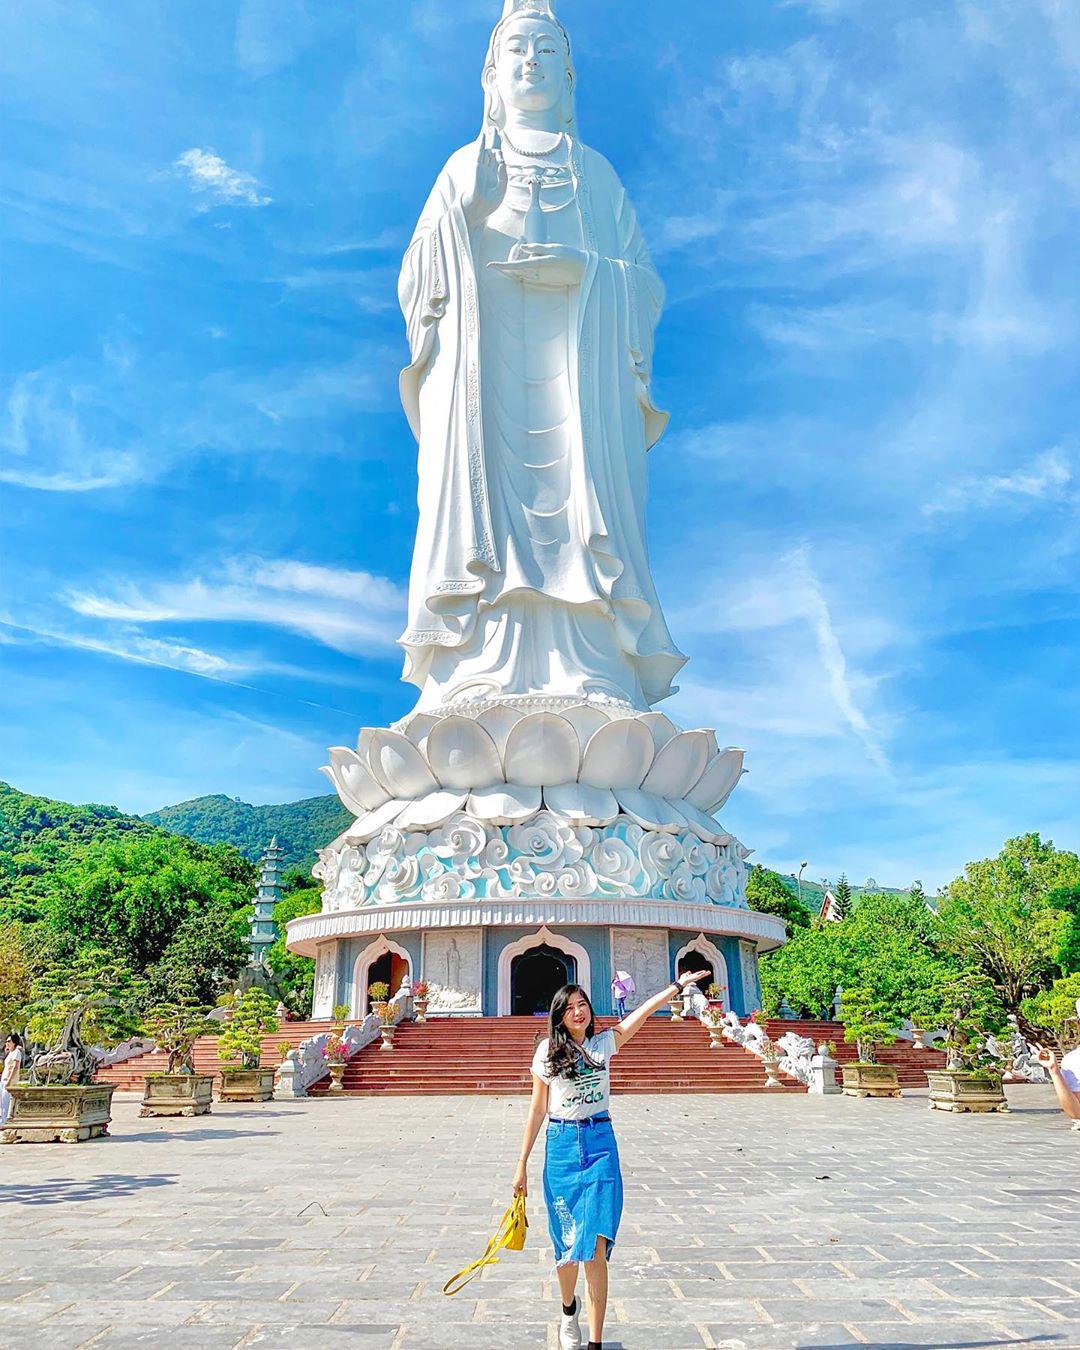 So sánh tour du lịch Tết Hà Nội - Đà Nẵng 4 ngày 3 đêm: Giá tour chênh lệch gần 3 triệu đồng - Ảnh 10.